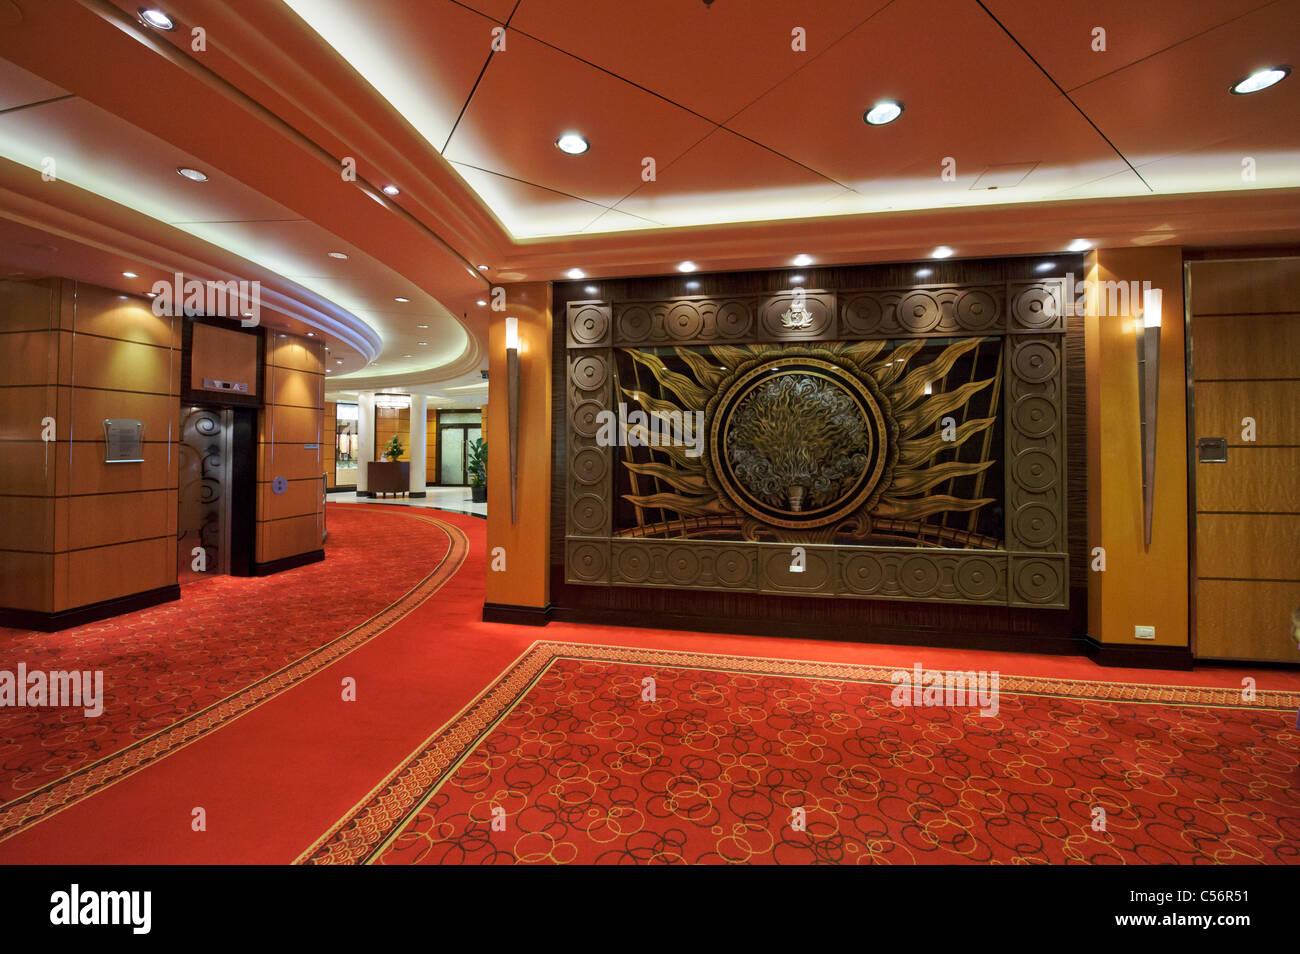 Cruise ship interior hallway stock photos & cruise ship interior